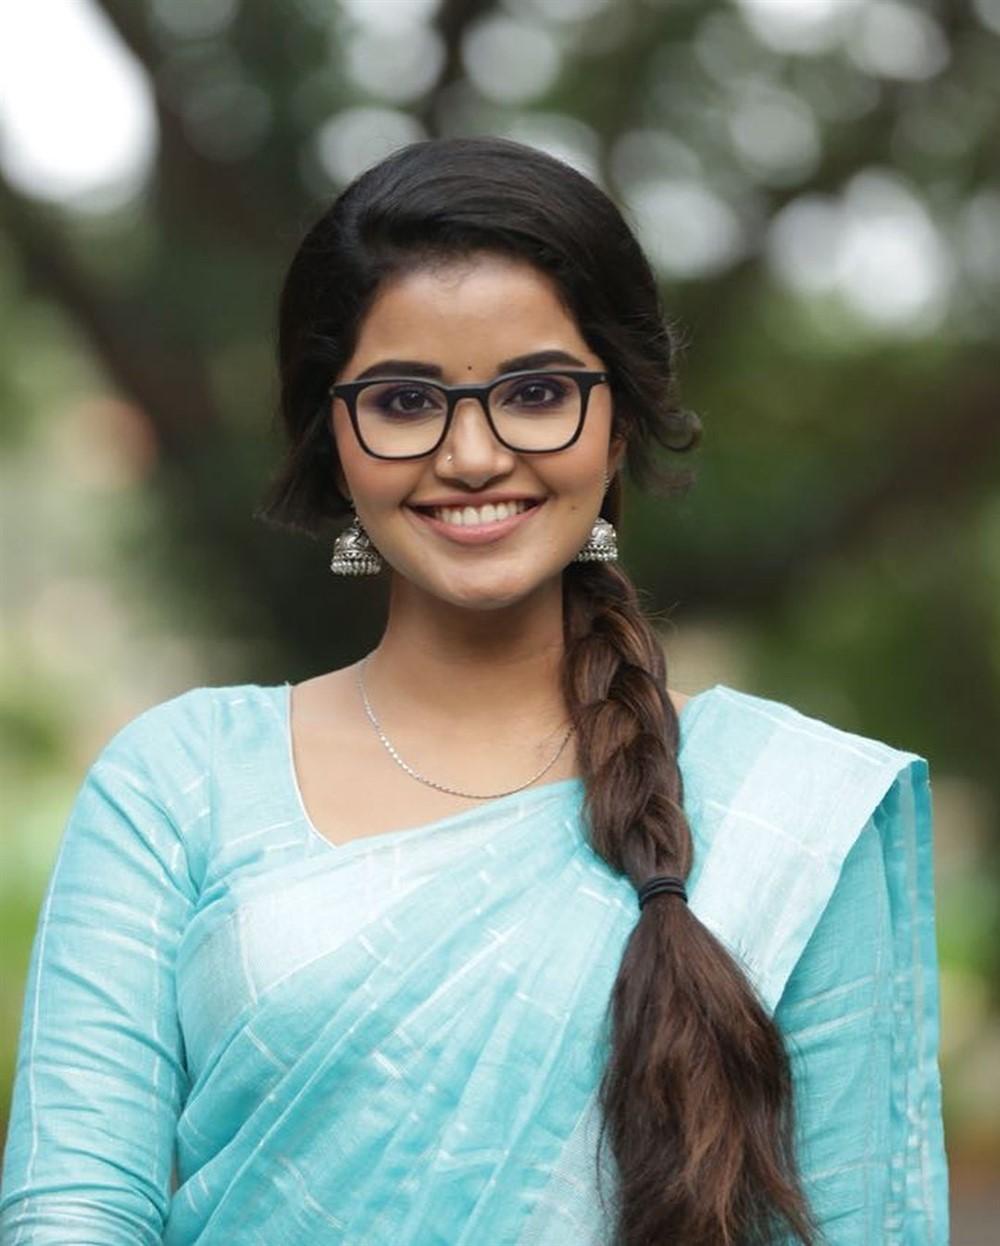 Anupama Parameswaran Photos from Nata Sarvabhouma Kannada Movie